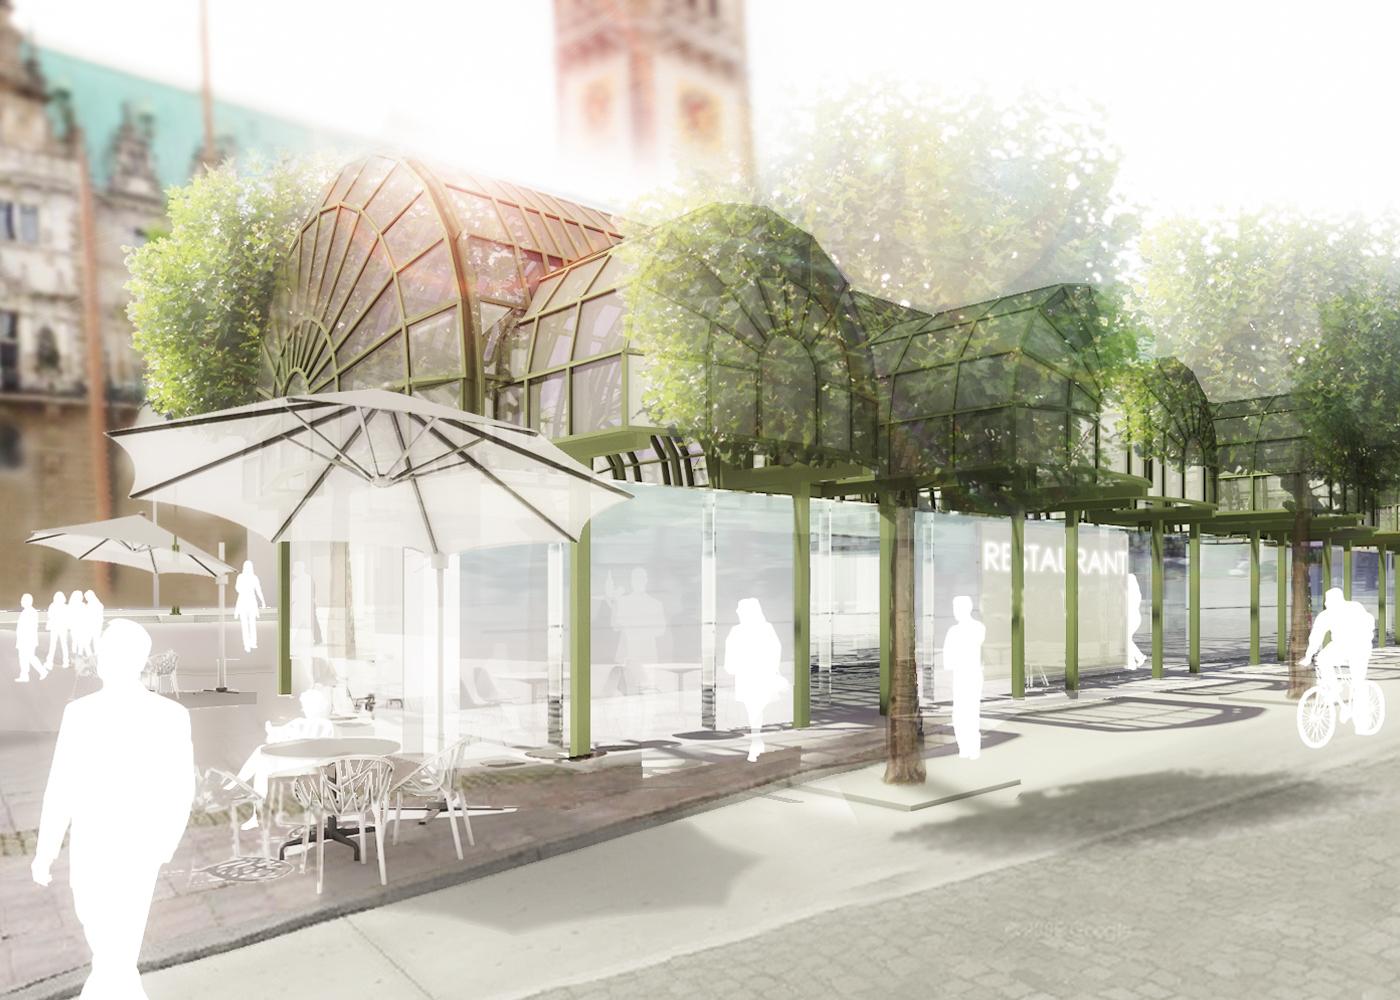 Wettbewerb Visualisierung Neubau einer Touristeninformation auf dem Rathausmarkt